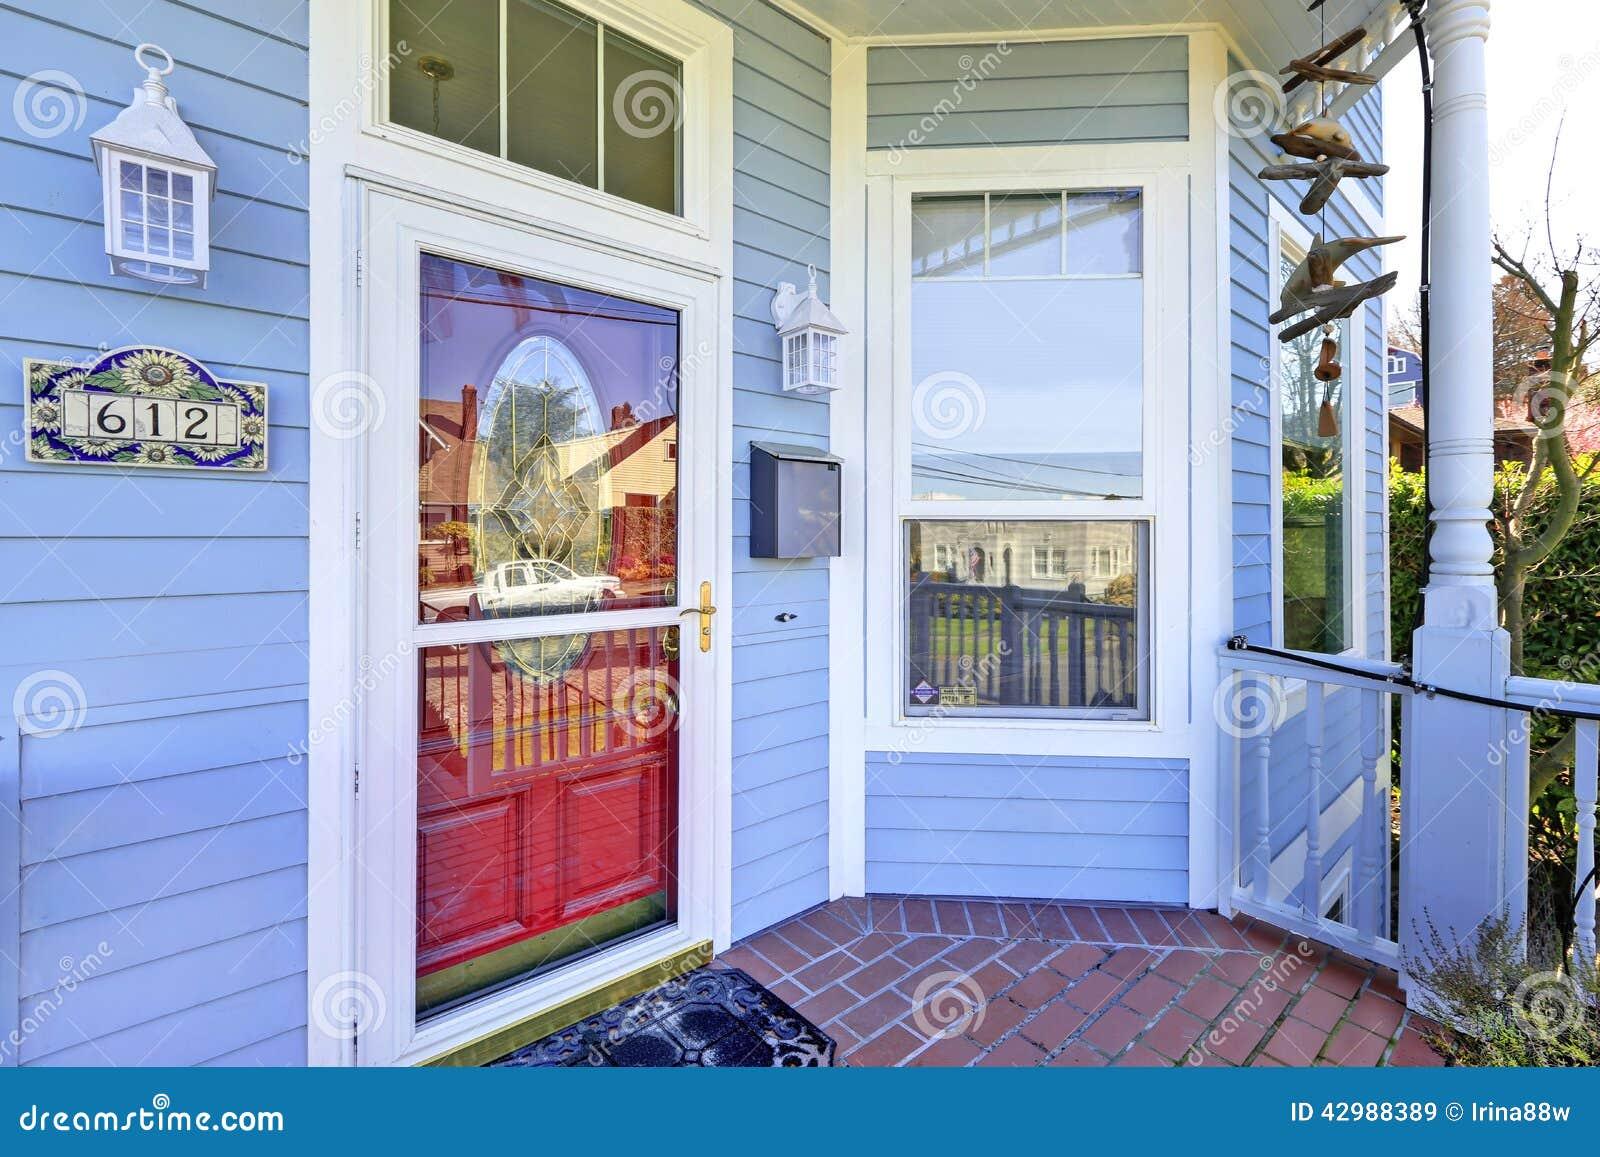 House Exterior Entrance Porch Stock Photo Image 42988389